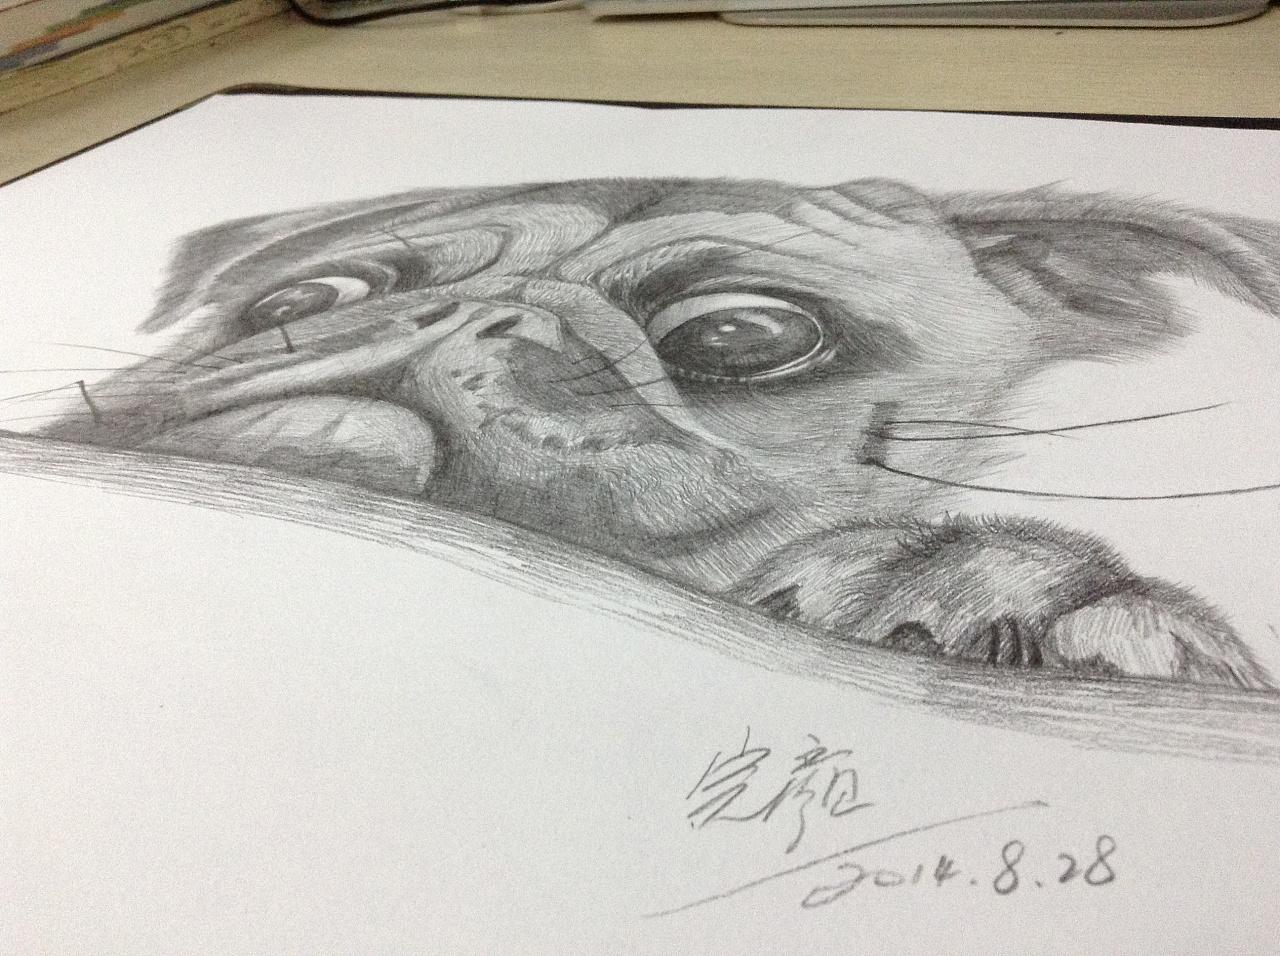 铅笔手绘 一只可爱的小狗狗